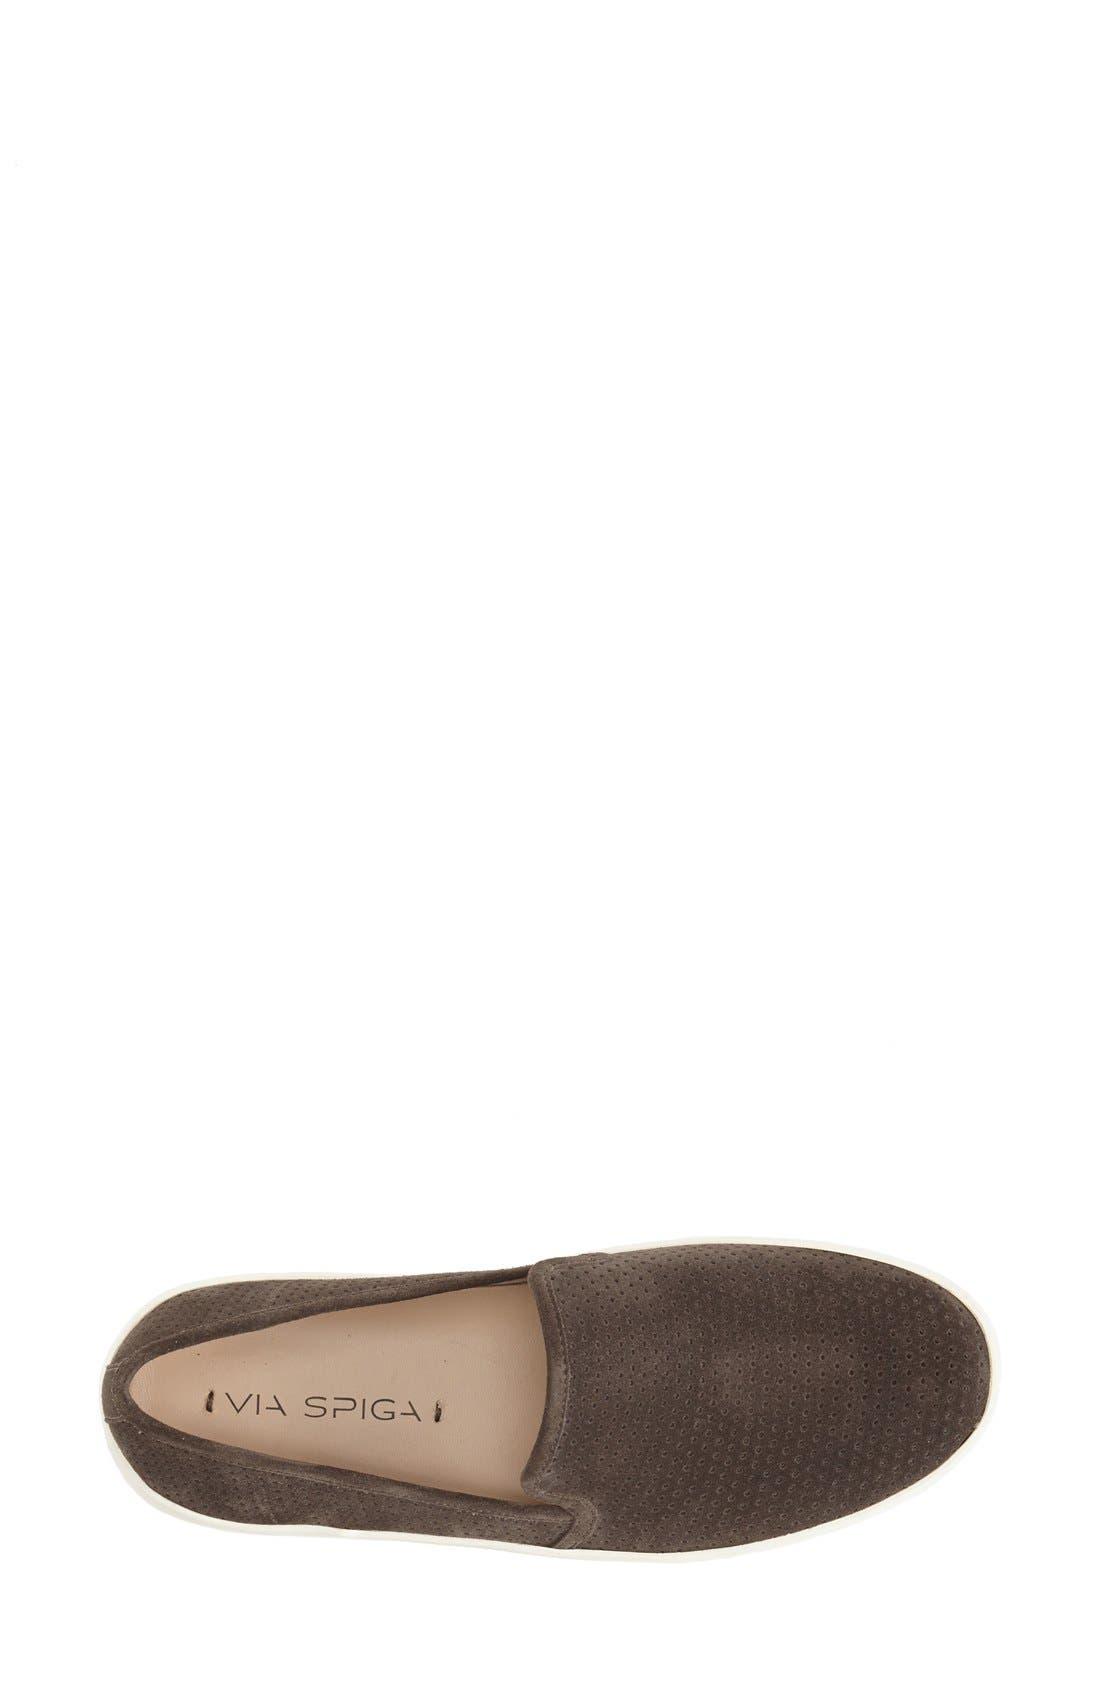 Alternate Image 3  - Via Spiga 'Galea' Leather Slip-On Sneaker (Women)